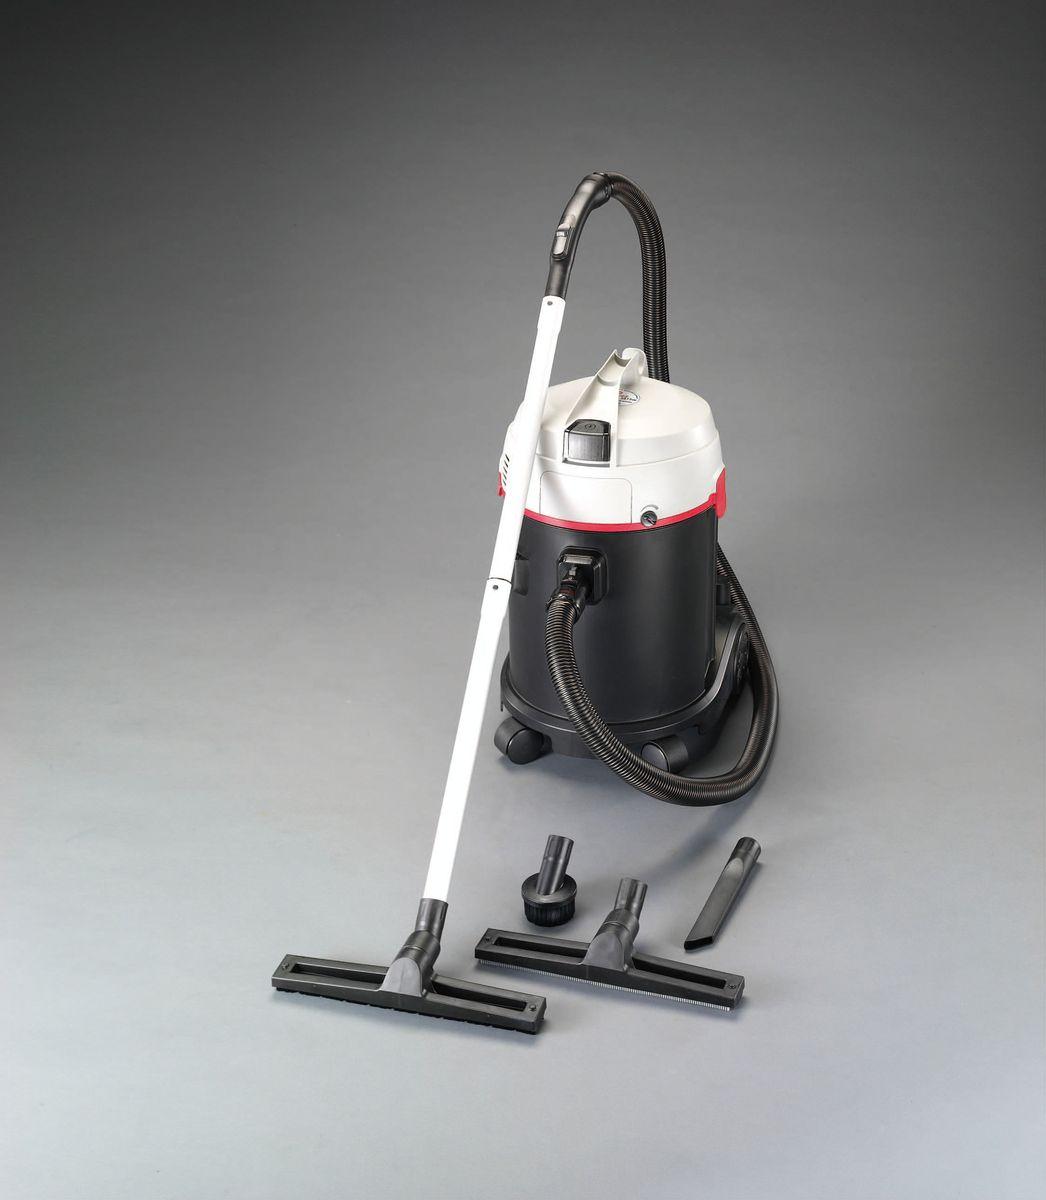 【メーカー在庫あり】 エスコ ESCO AC100V/1100W/30L 乾湿両用掃除機/強弱切換 000012235412 HD店